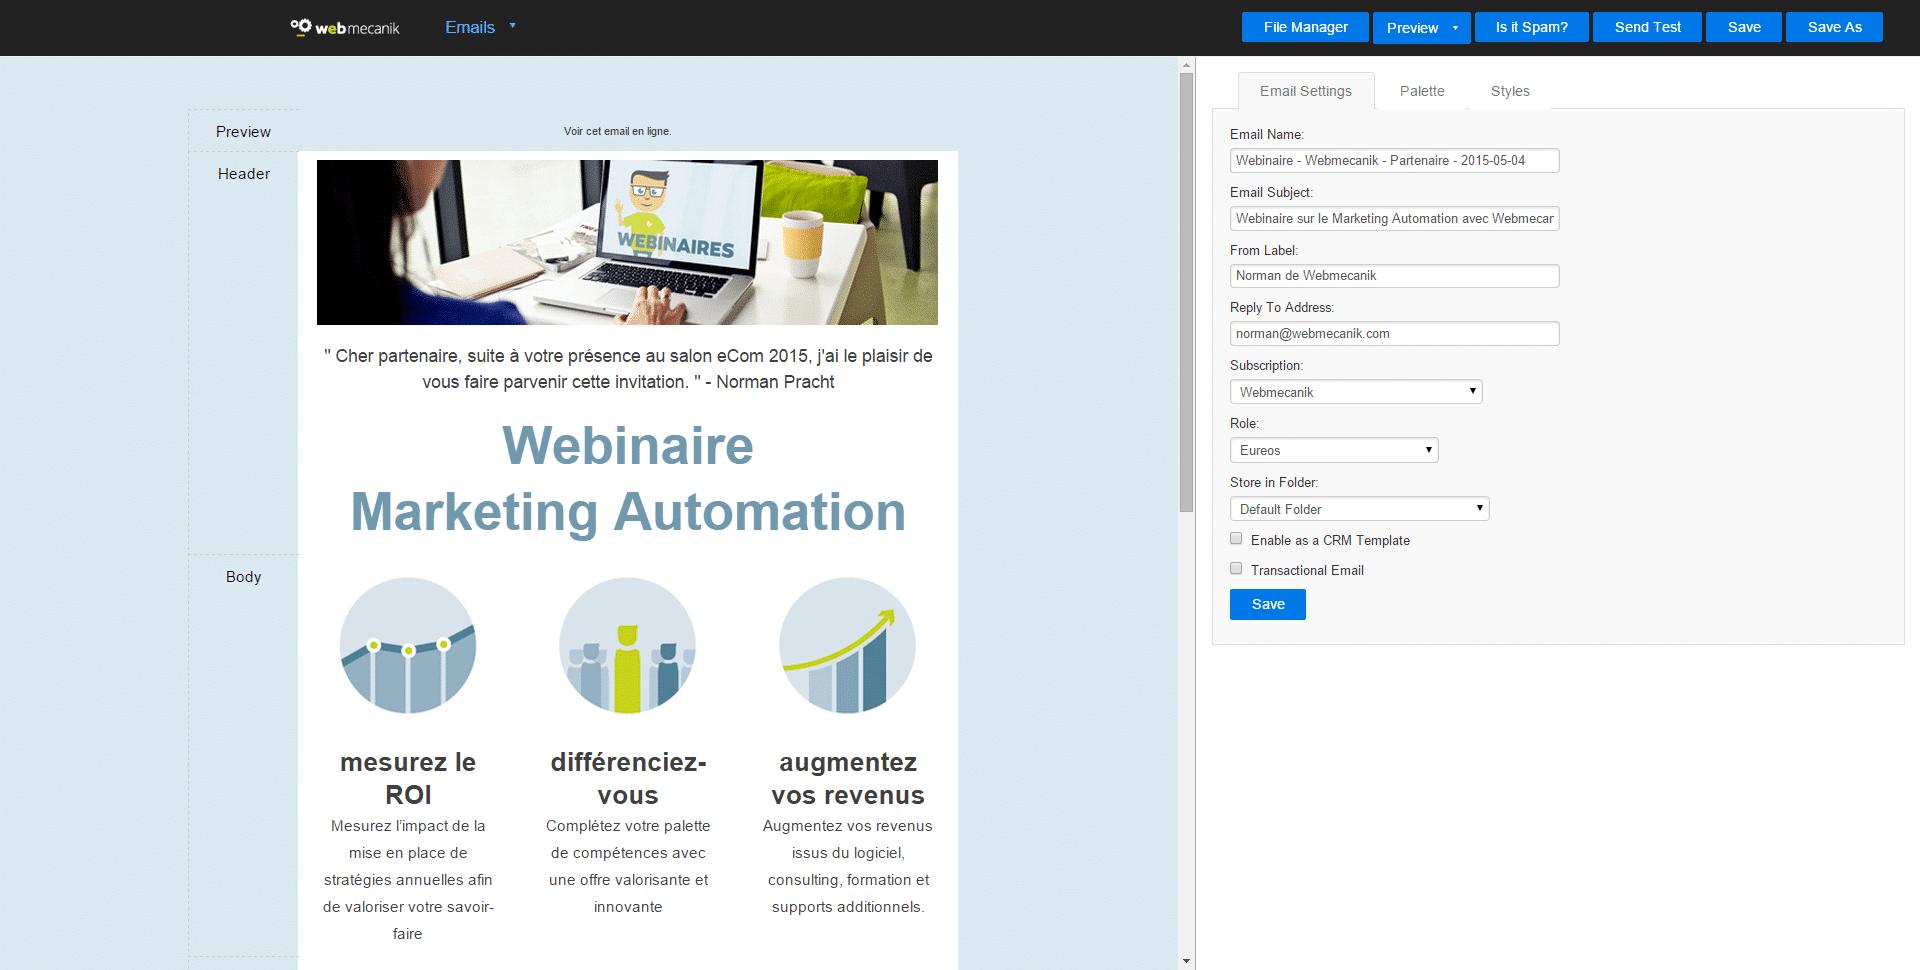 Capture-email-webinaire-MA